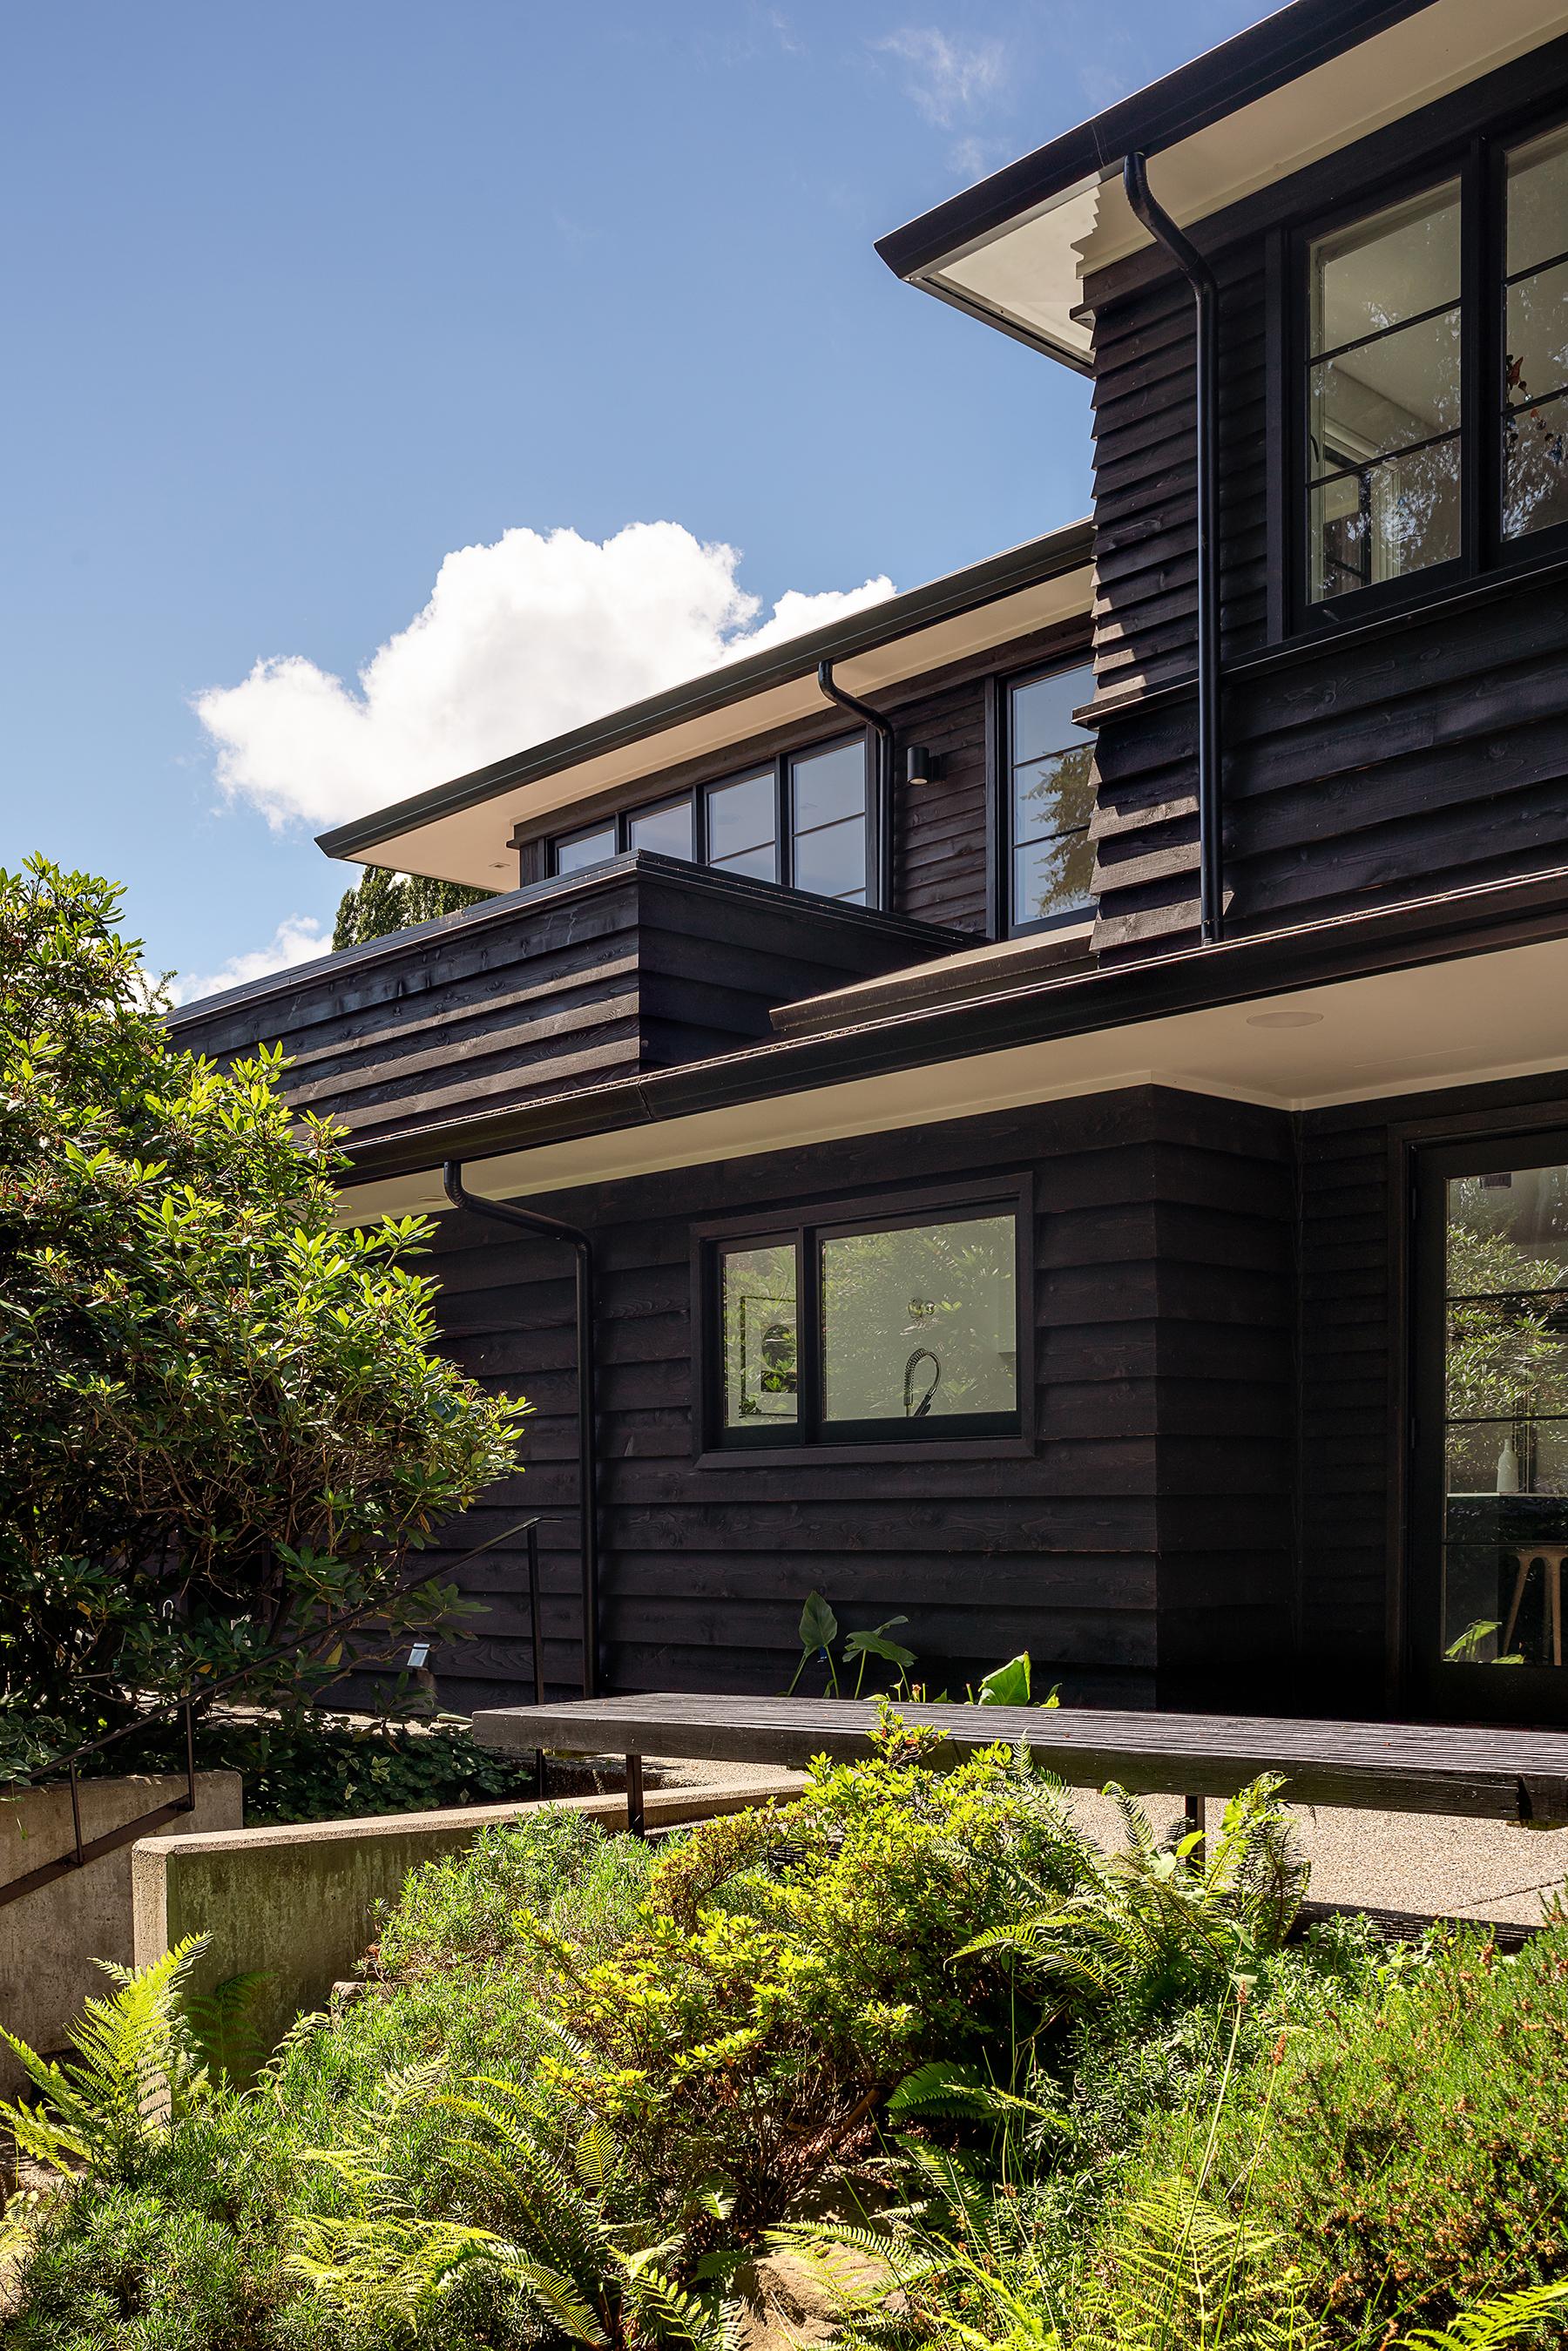 DuHamelArchitecture_HorizontalHouse_GardenRoofs.jpg